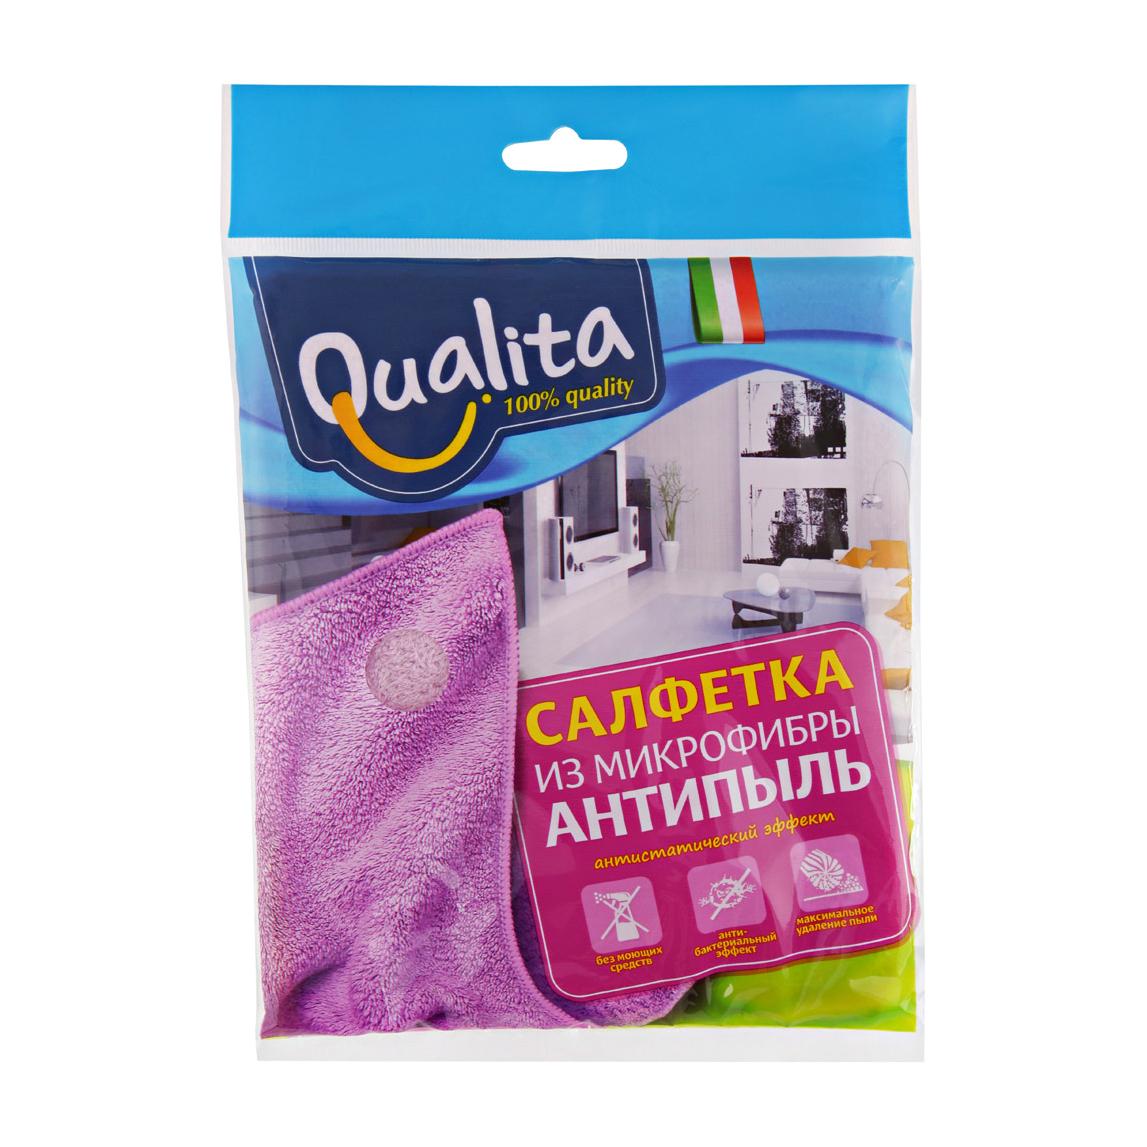 Салфетка Qualita из микрофибры антипыль салфетка из микрофибры qualita антипыль 1 мл